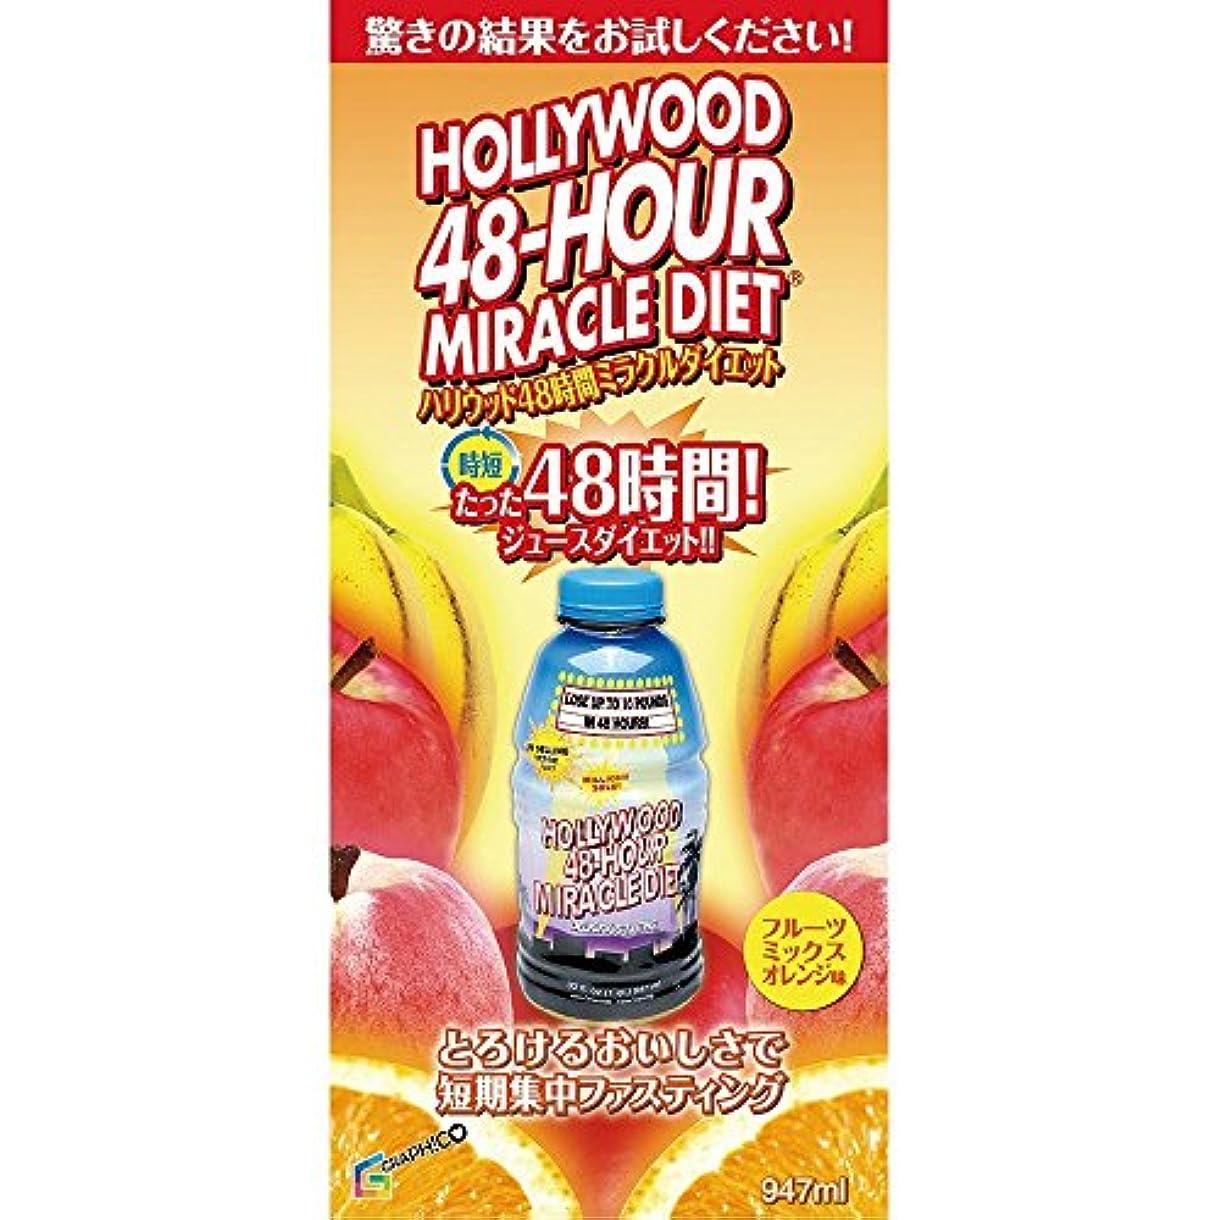 許さない鋼クスクスハリウッド48時間 ミラクルダイエット (フルーツミックスオレンジ味) 947ml